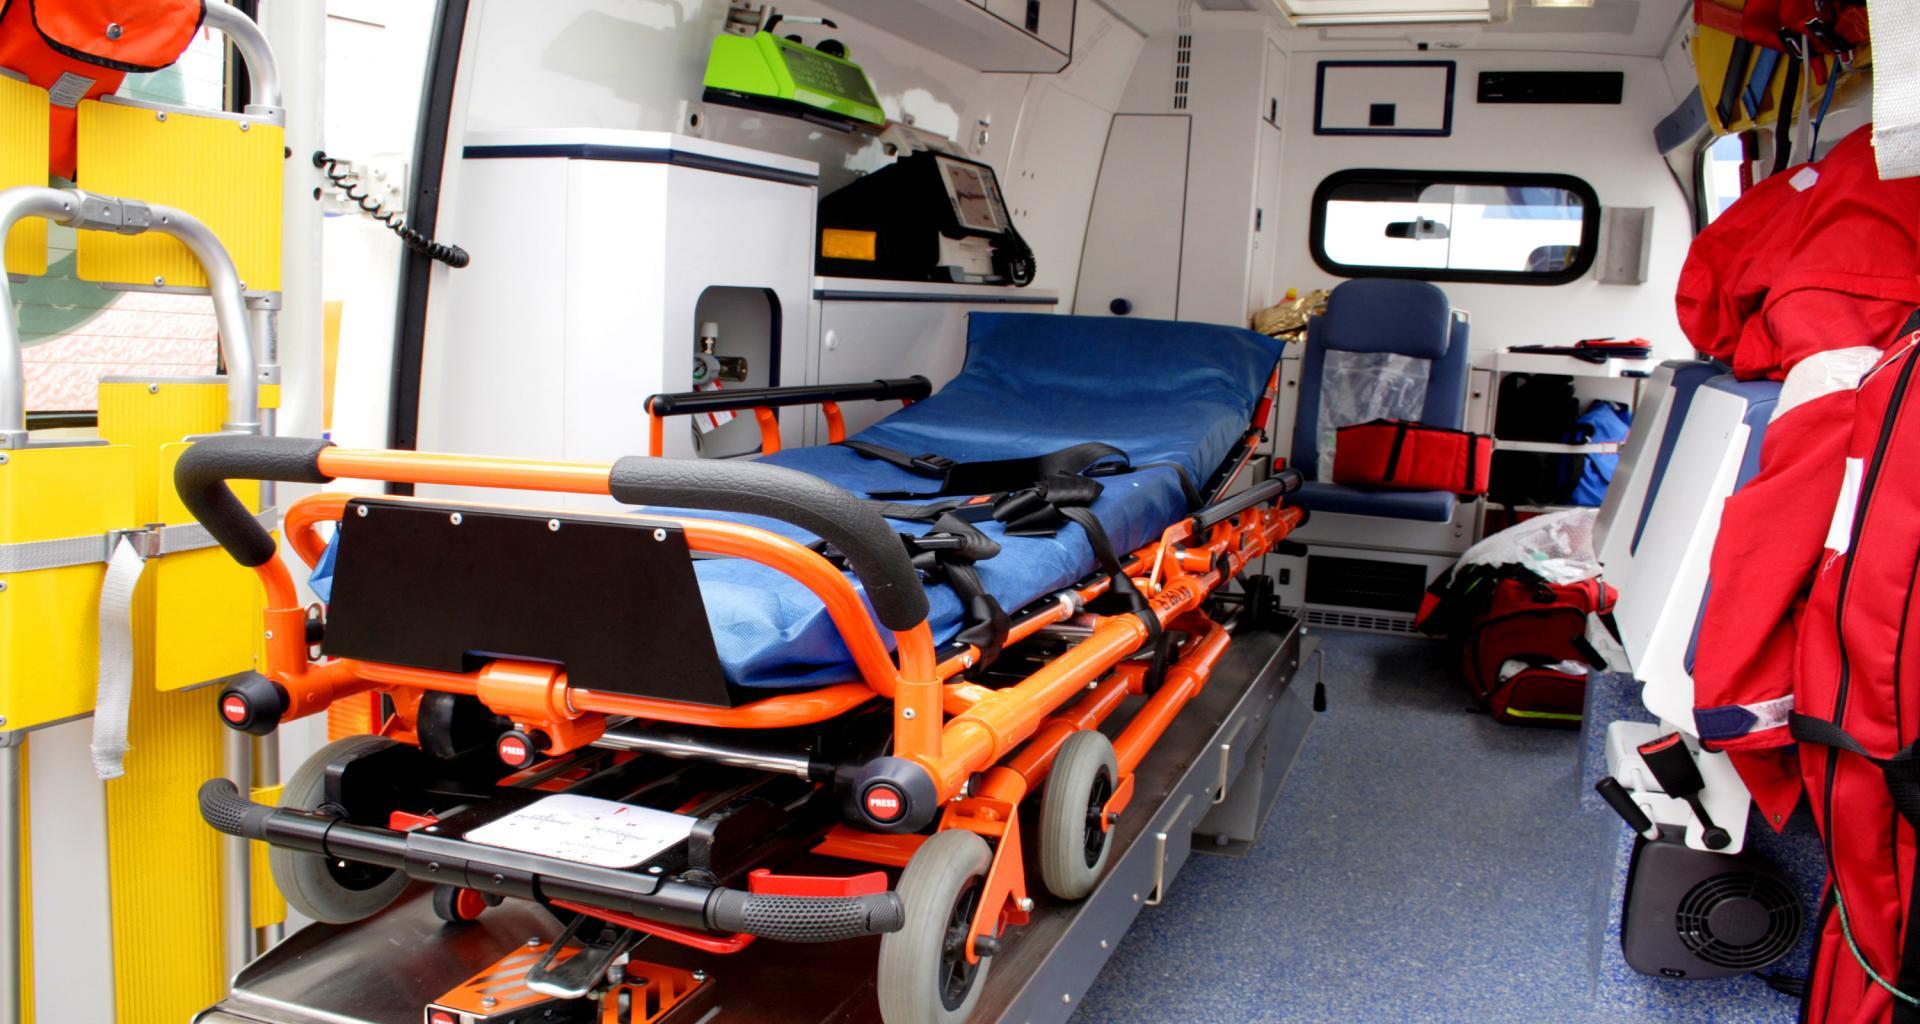 организация перевозки больного